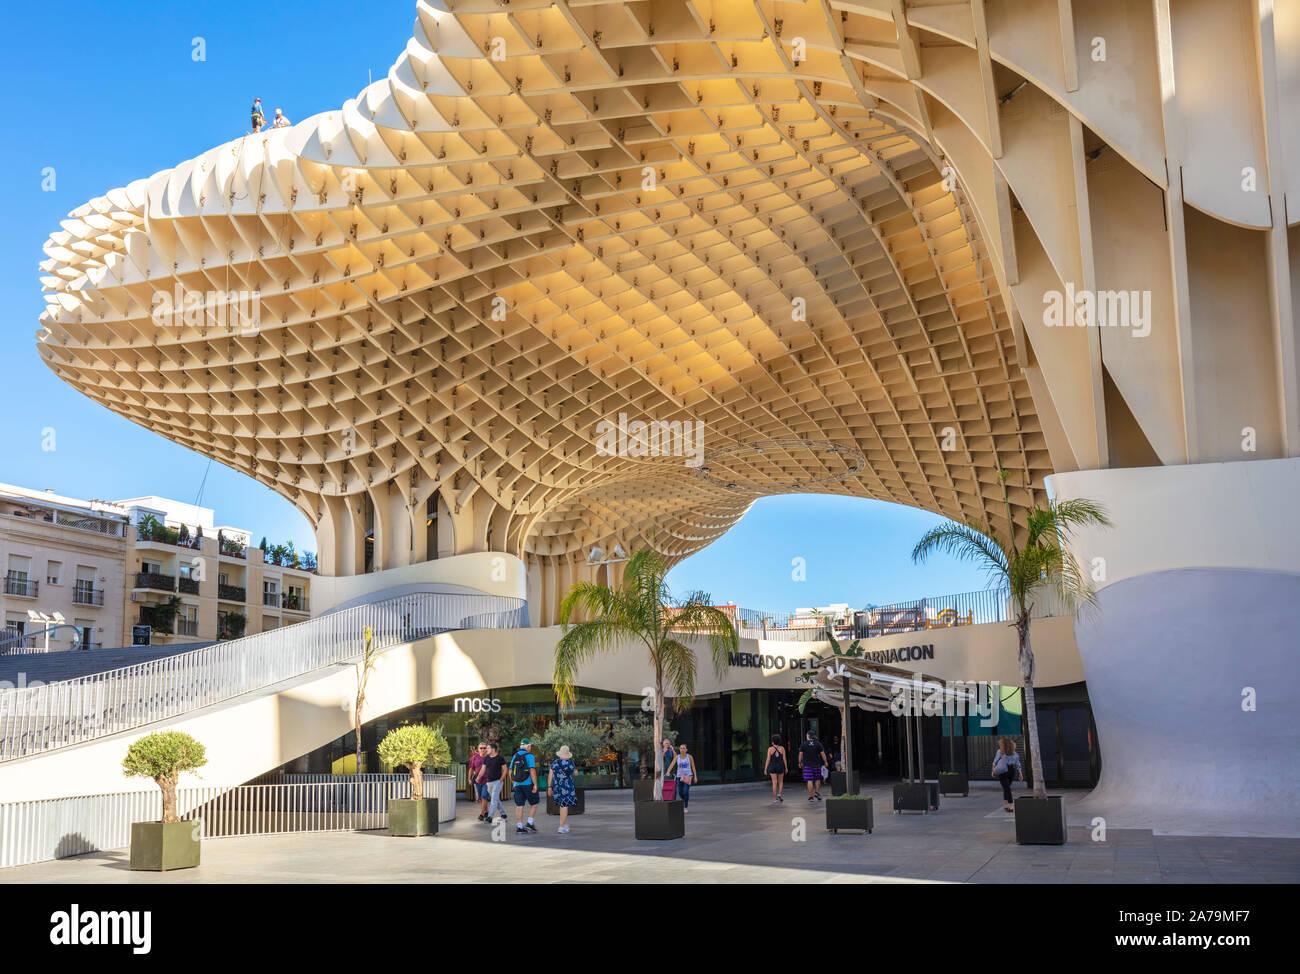 Seville Metropol Parasol Seville Sevilla Mushrooms Las Setas De Sevilla Plaza de la Encarnación Seville Spain seville Andalusia EU Europe Stock Photo